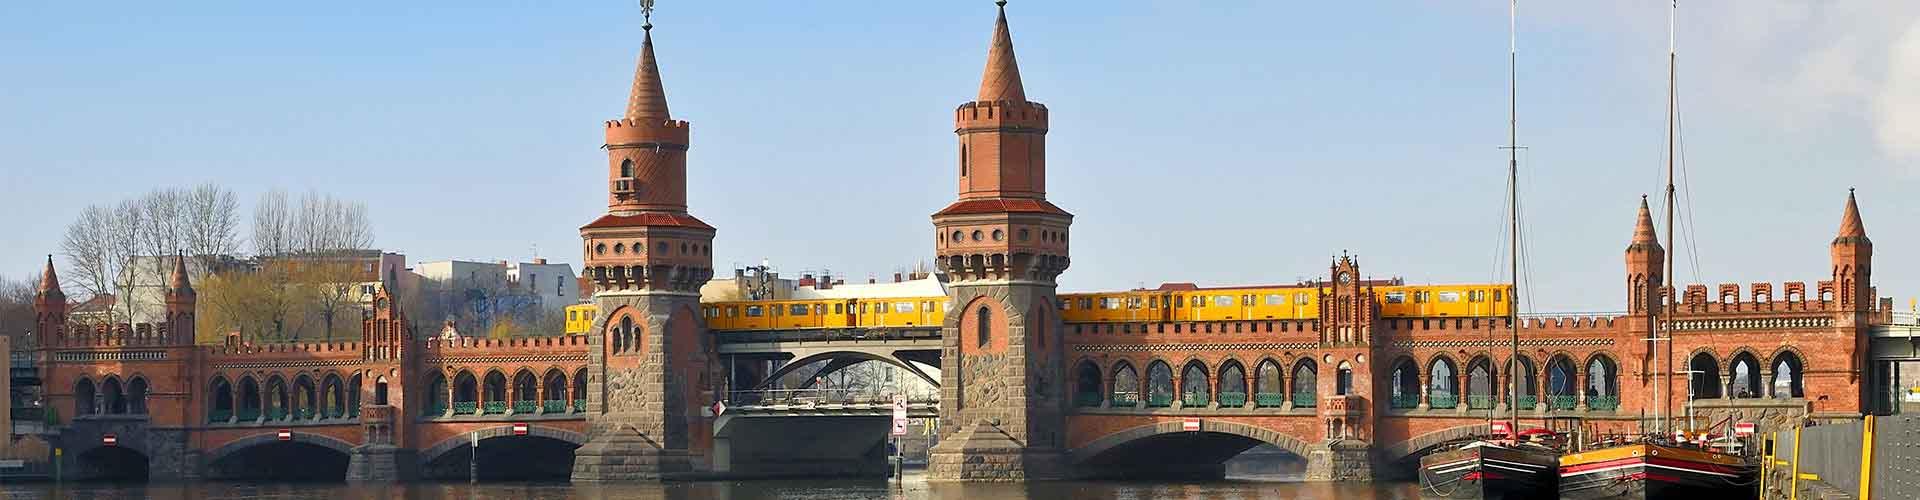 柏林 – 奥伯鲍姆桥附近的公寓。柏林地图,柏林每间公寓的照片和评价。